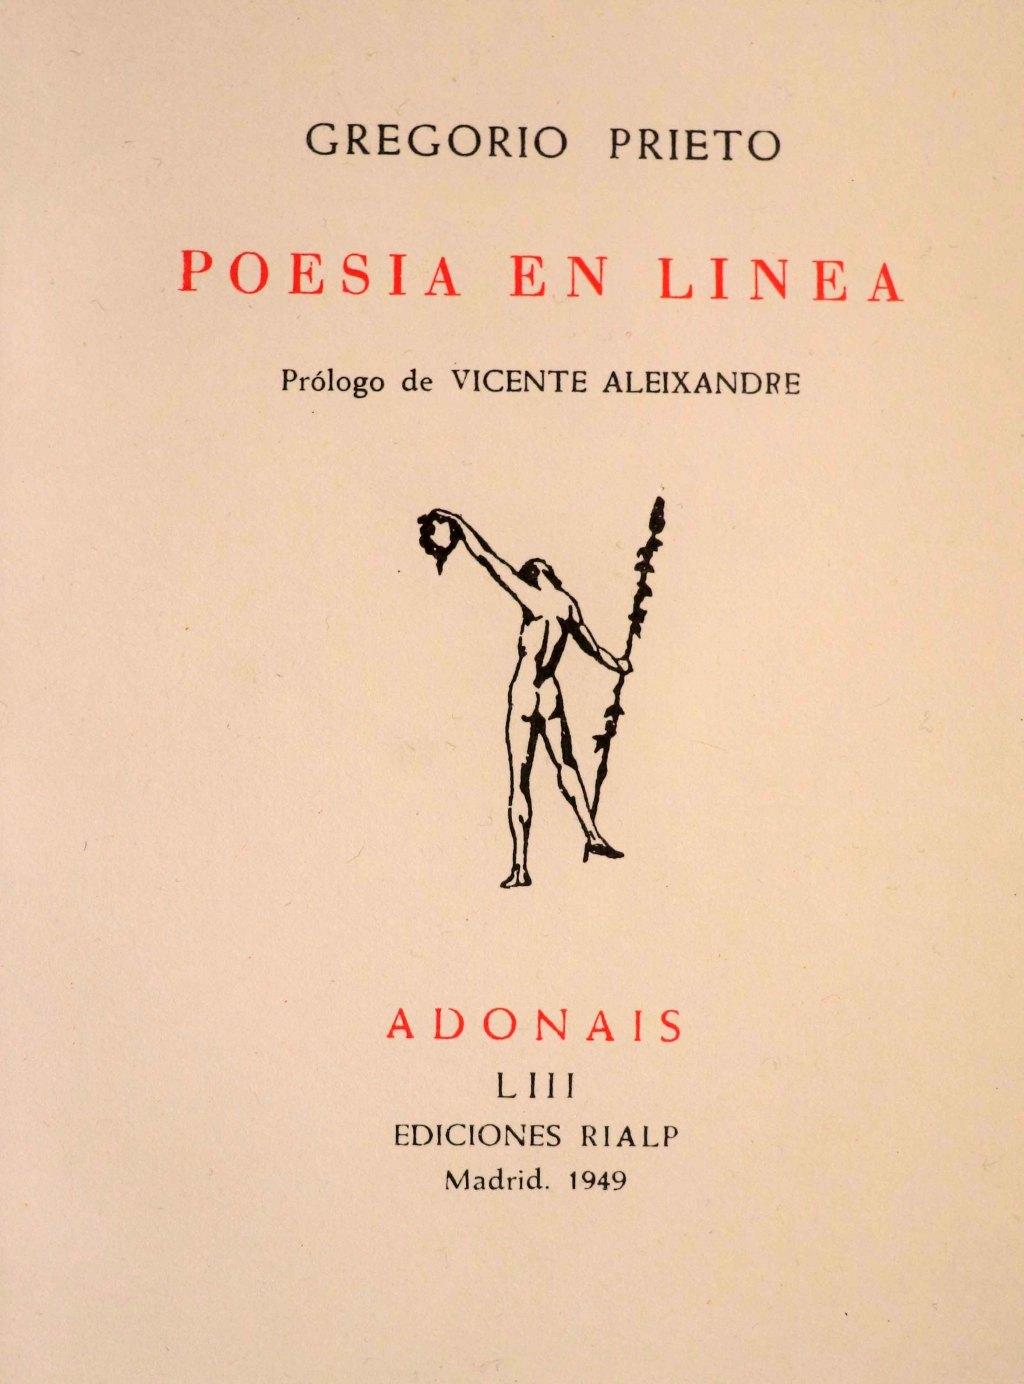 Portada en color sepia del libro Poesía en linea de Gregorio Prieto con prólogo de Vicente Aleixandre. Dibujo en blanco y negro a mano de hombre desnudo de espaldas sujetando una lanza en la mano derecha y una corona en alto en la mano izquierda